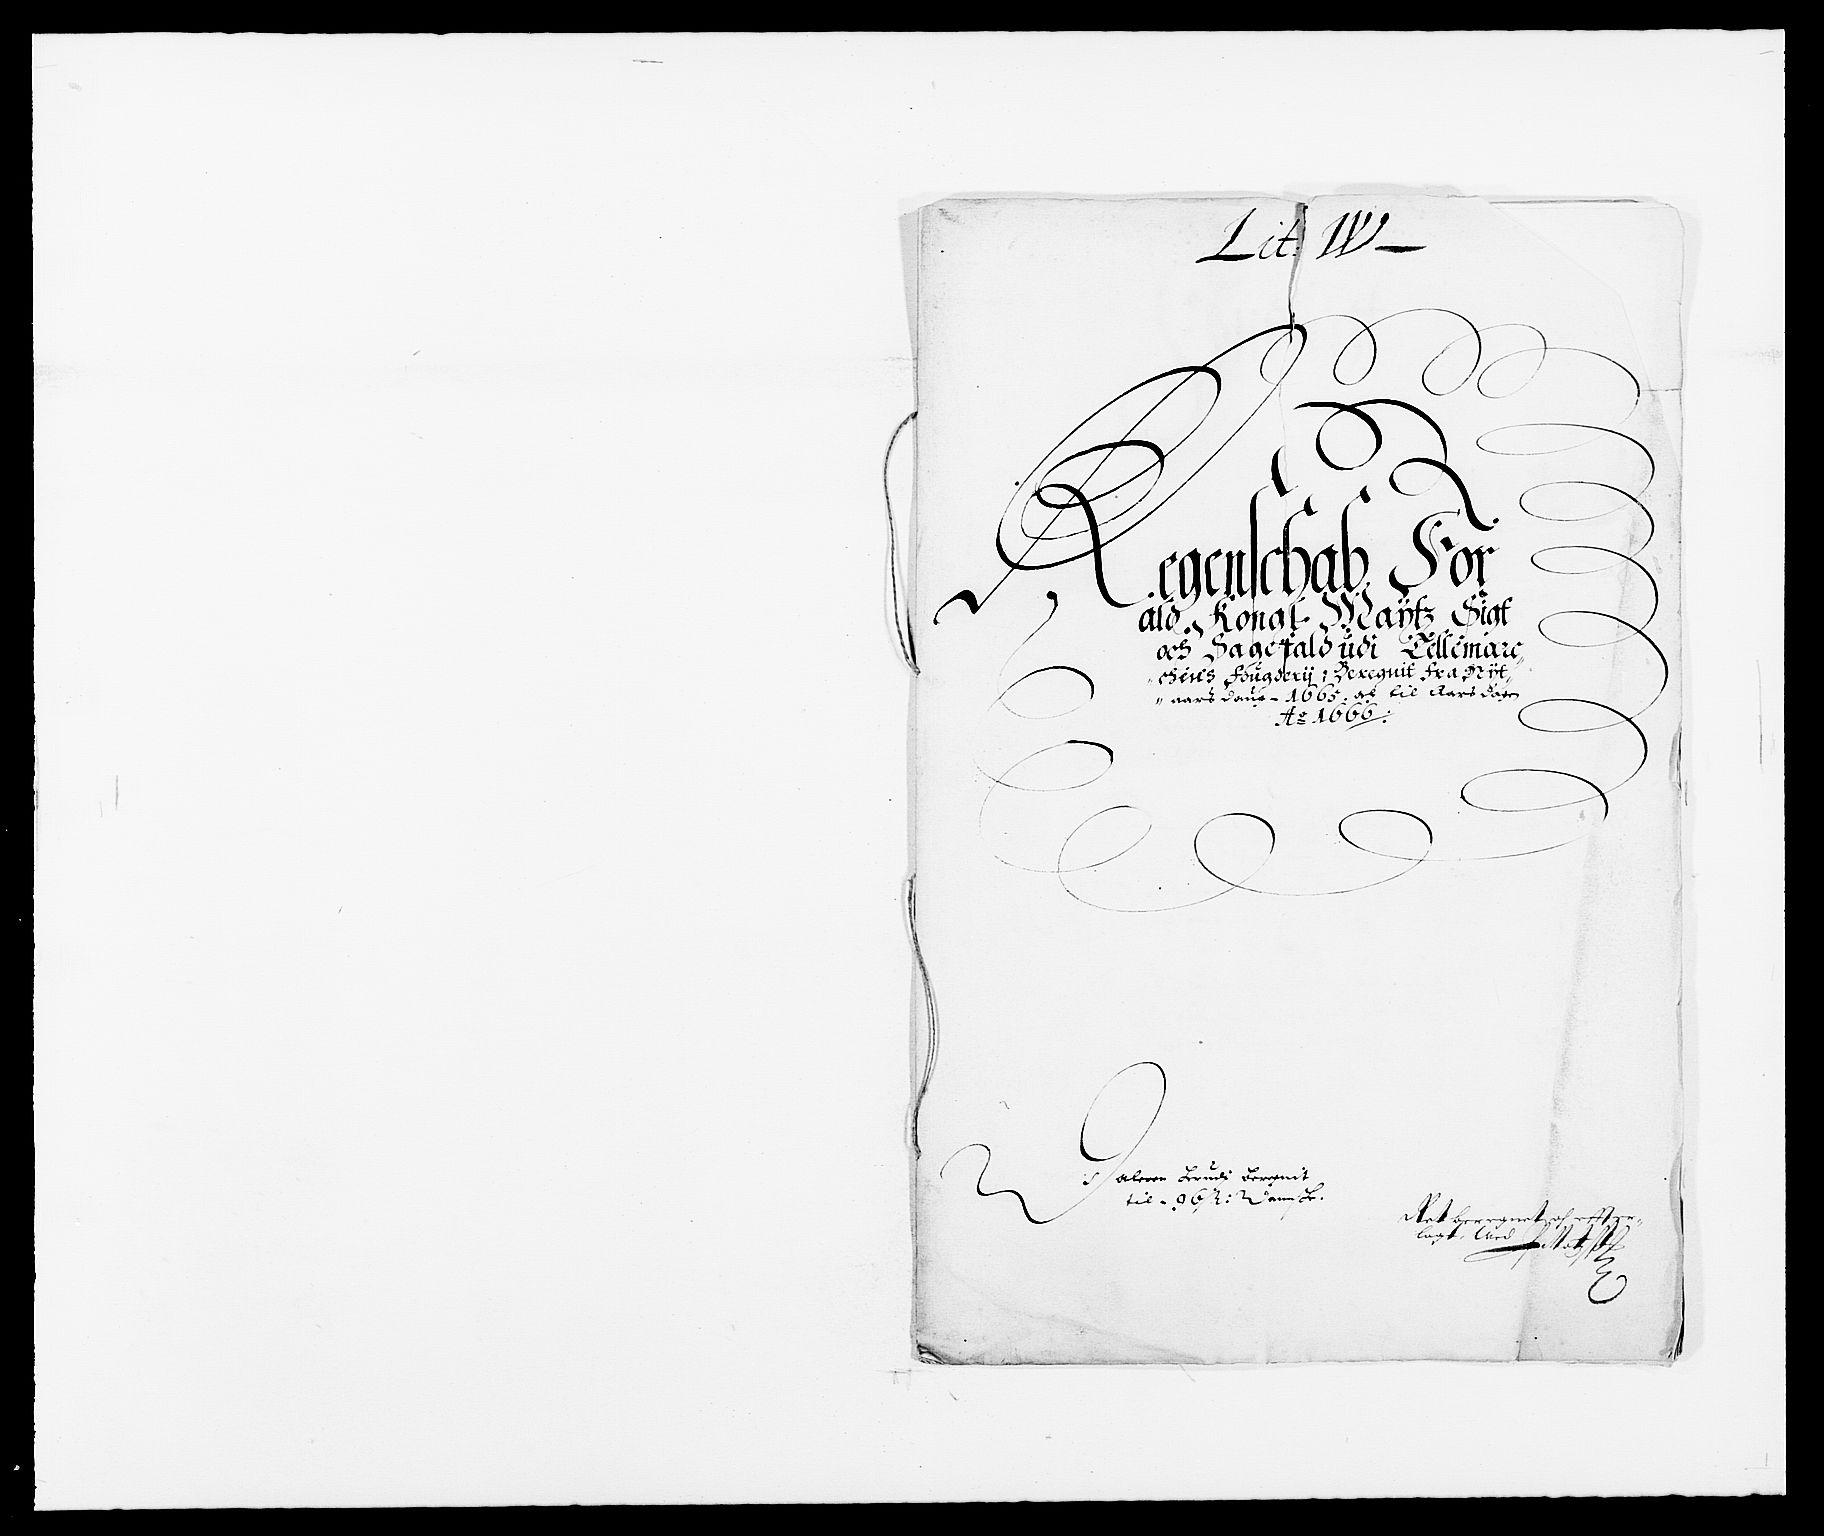 RA, Rentekammeret inntil 1814, Reviderte regnskaper, Fogderegnskap, R35/L2056: Fogderegnskap Øvre og Nedre Telemark, 1665, s. 250